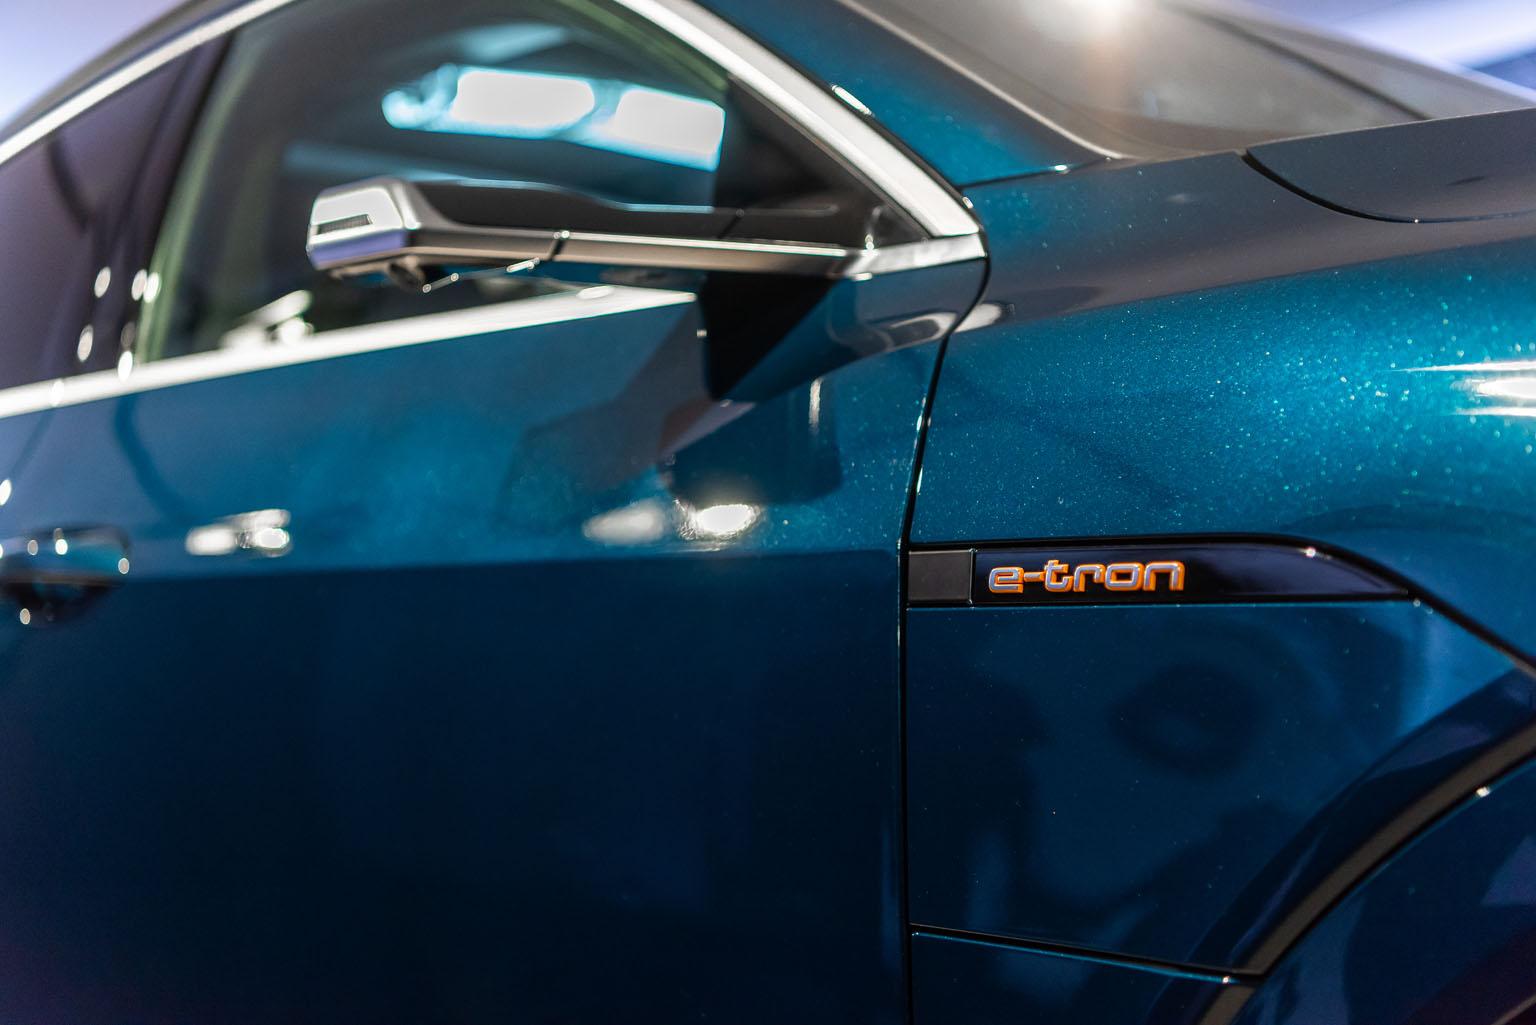 Les options les plus emblématiques de l'Audi e-tron: les rétroviseurs extérieurs virtuels et le double volet de recharge. (Tom Lüthi)